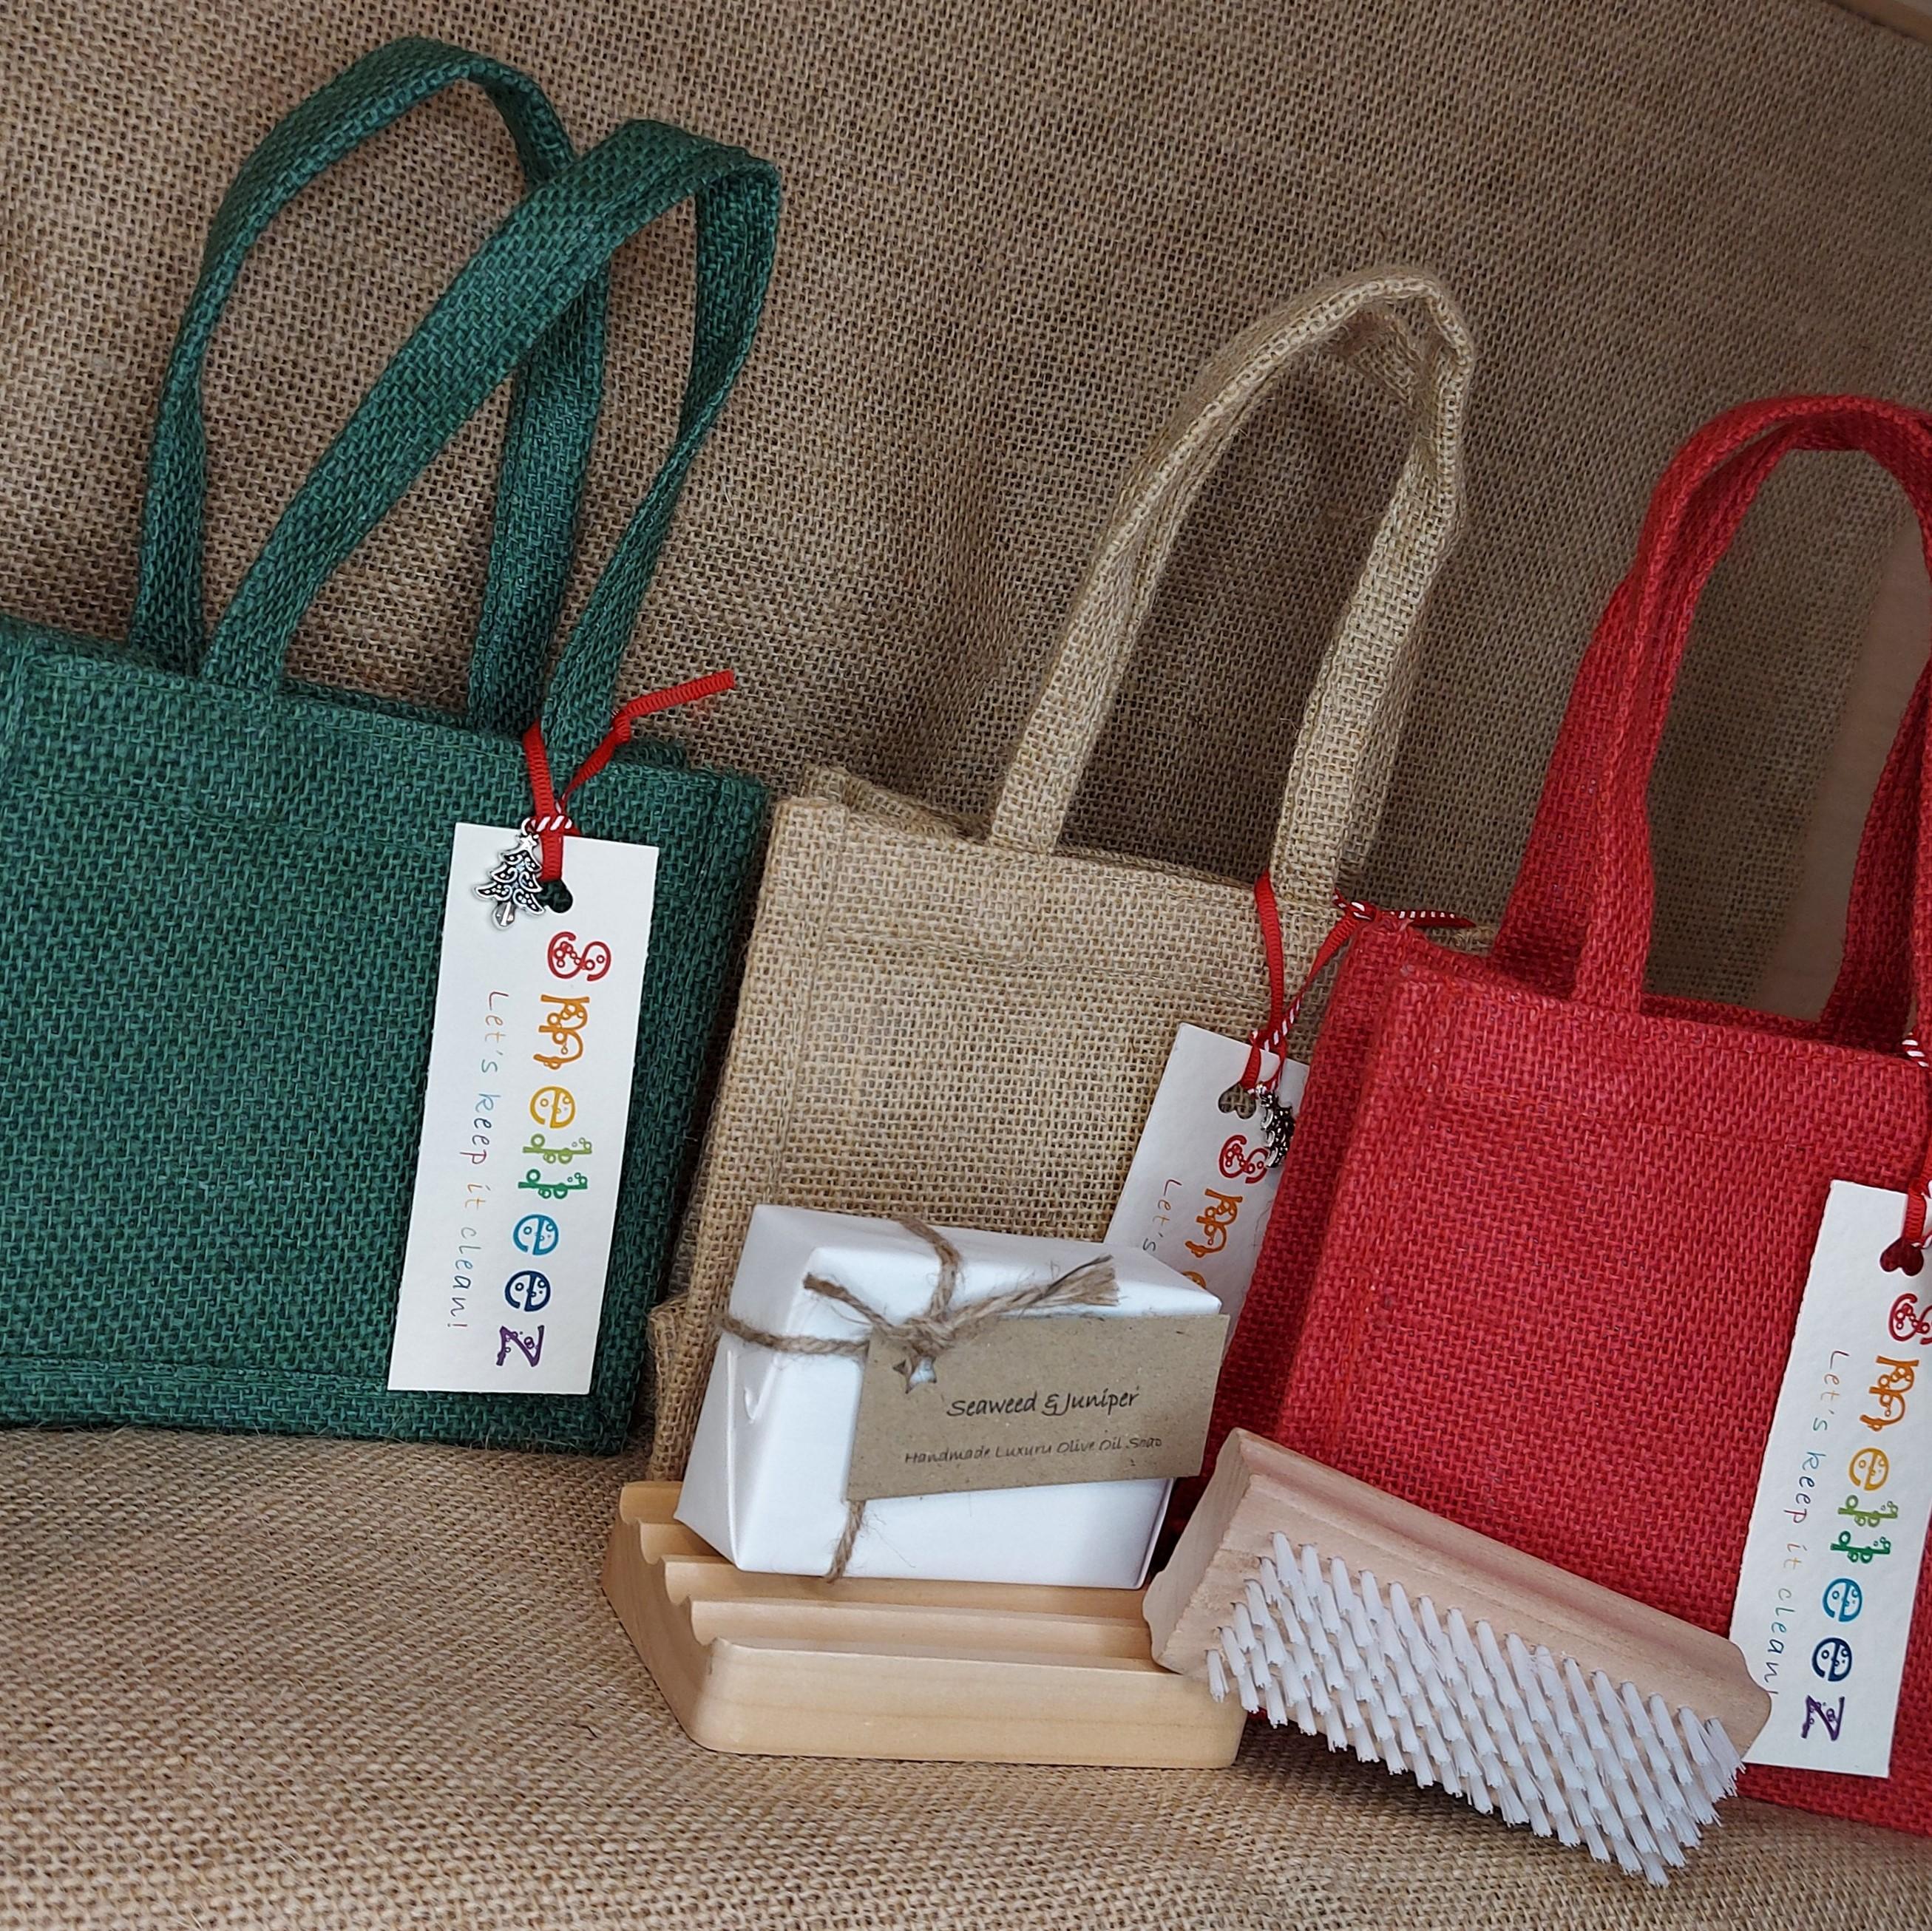 Mini Jute Bag Gift Set